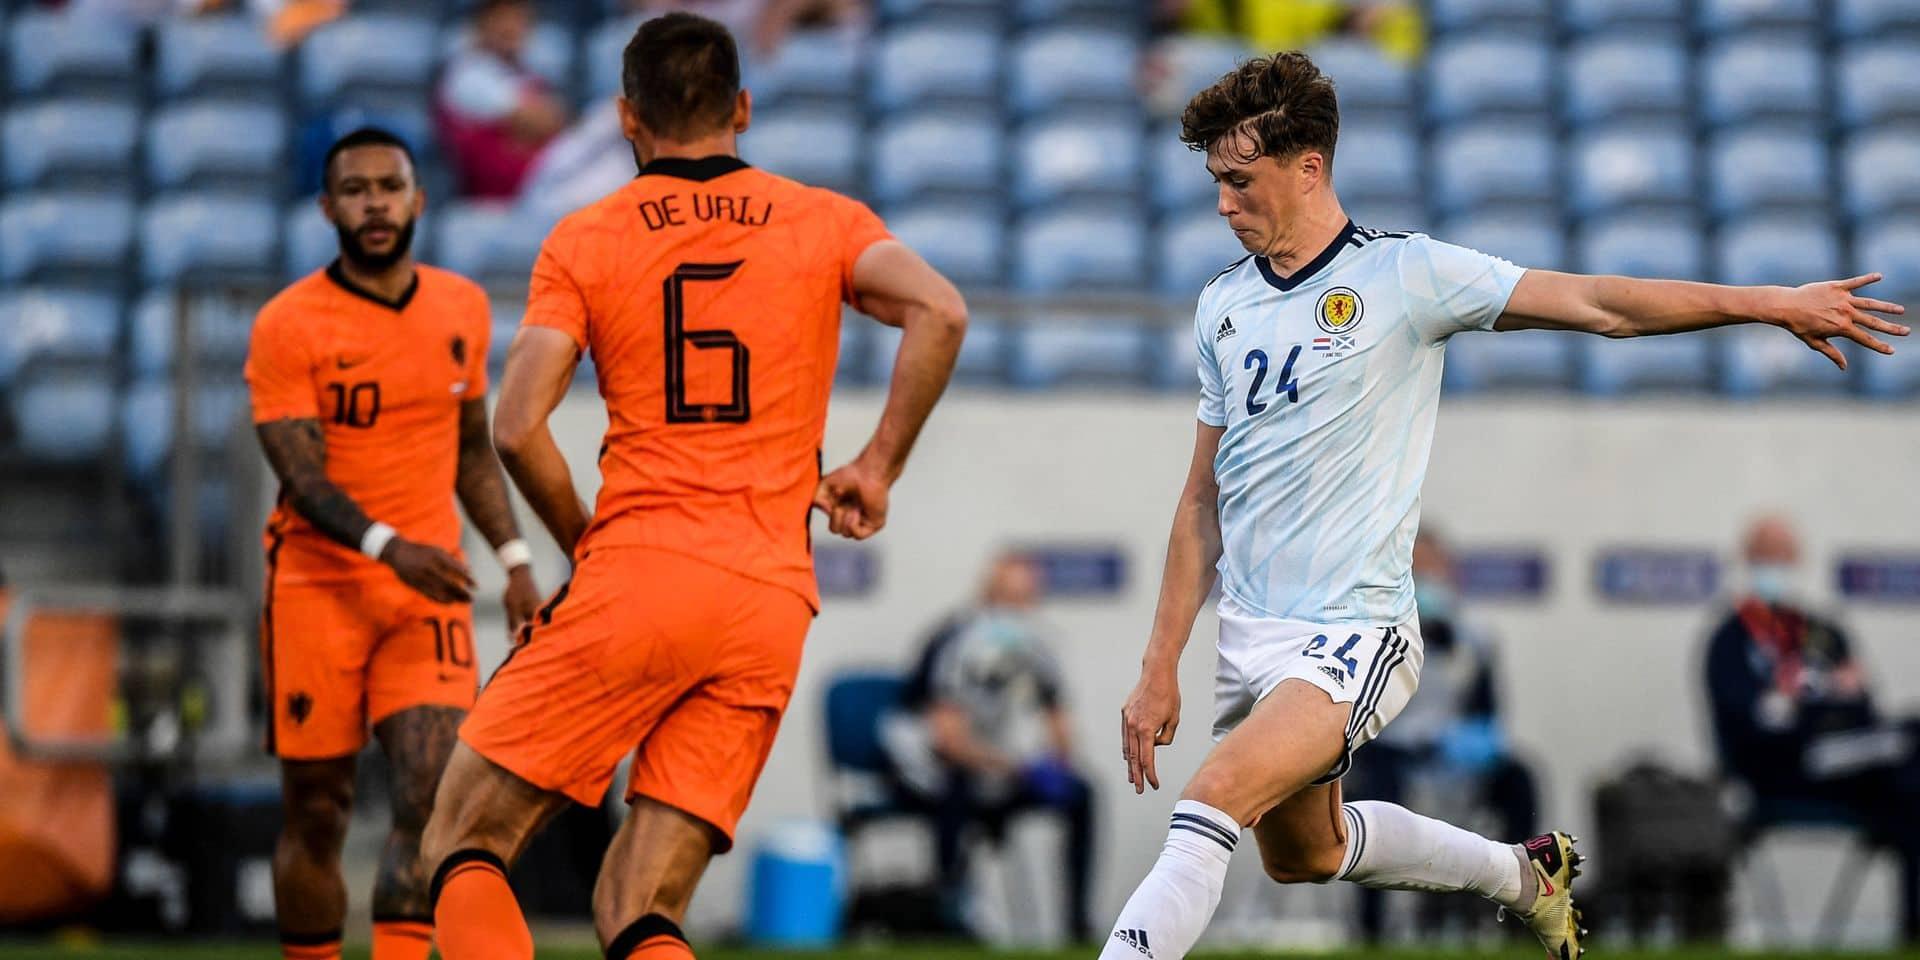 Ces neuf joueurs de Pro League qui vont fouler les pelouses de l'Euro